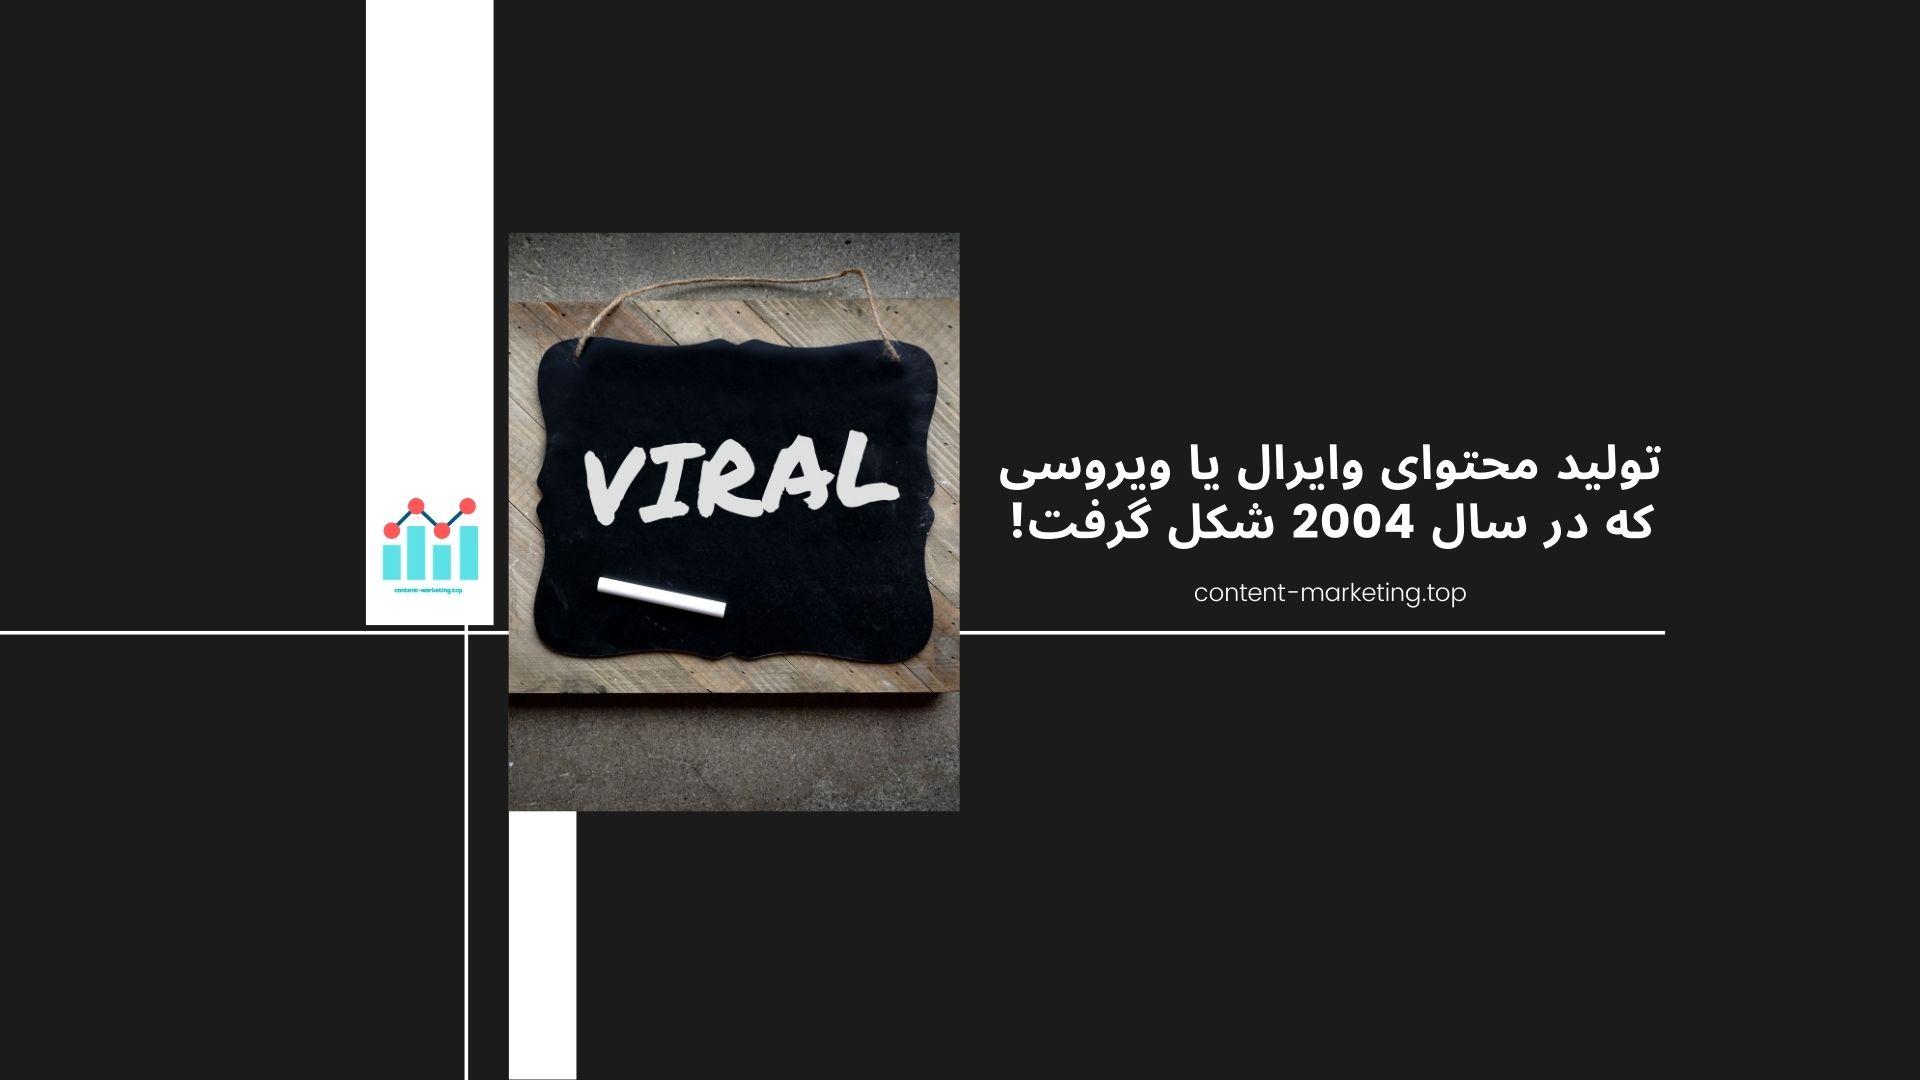 تولید محتوای وایرال یا ویروسی که در سال 2004 شکل گرفت!